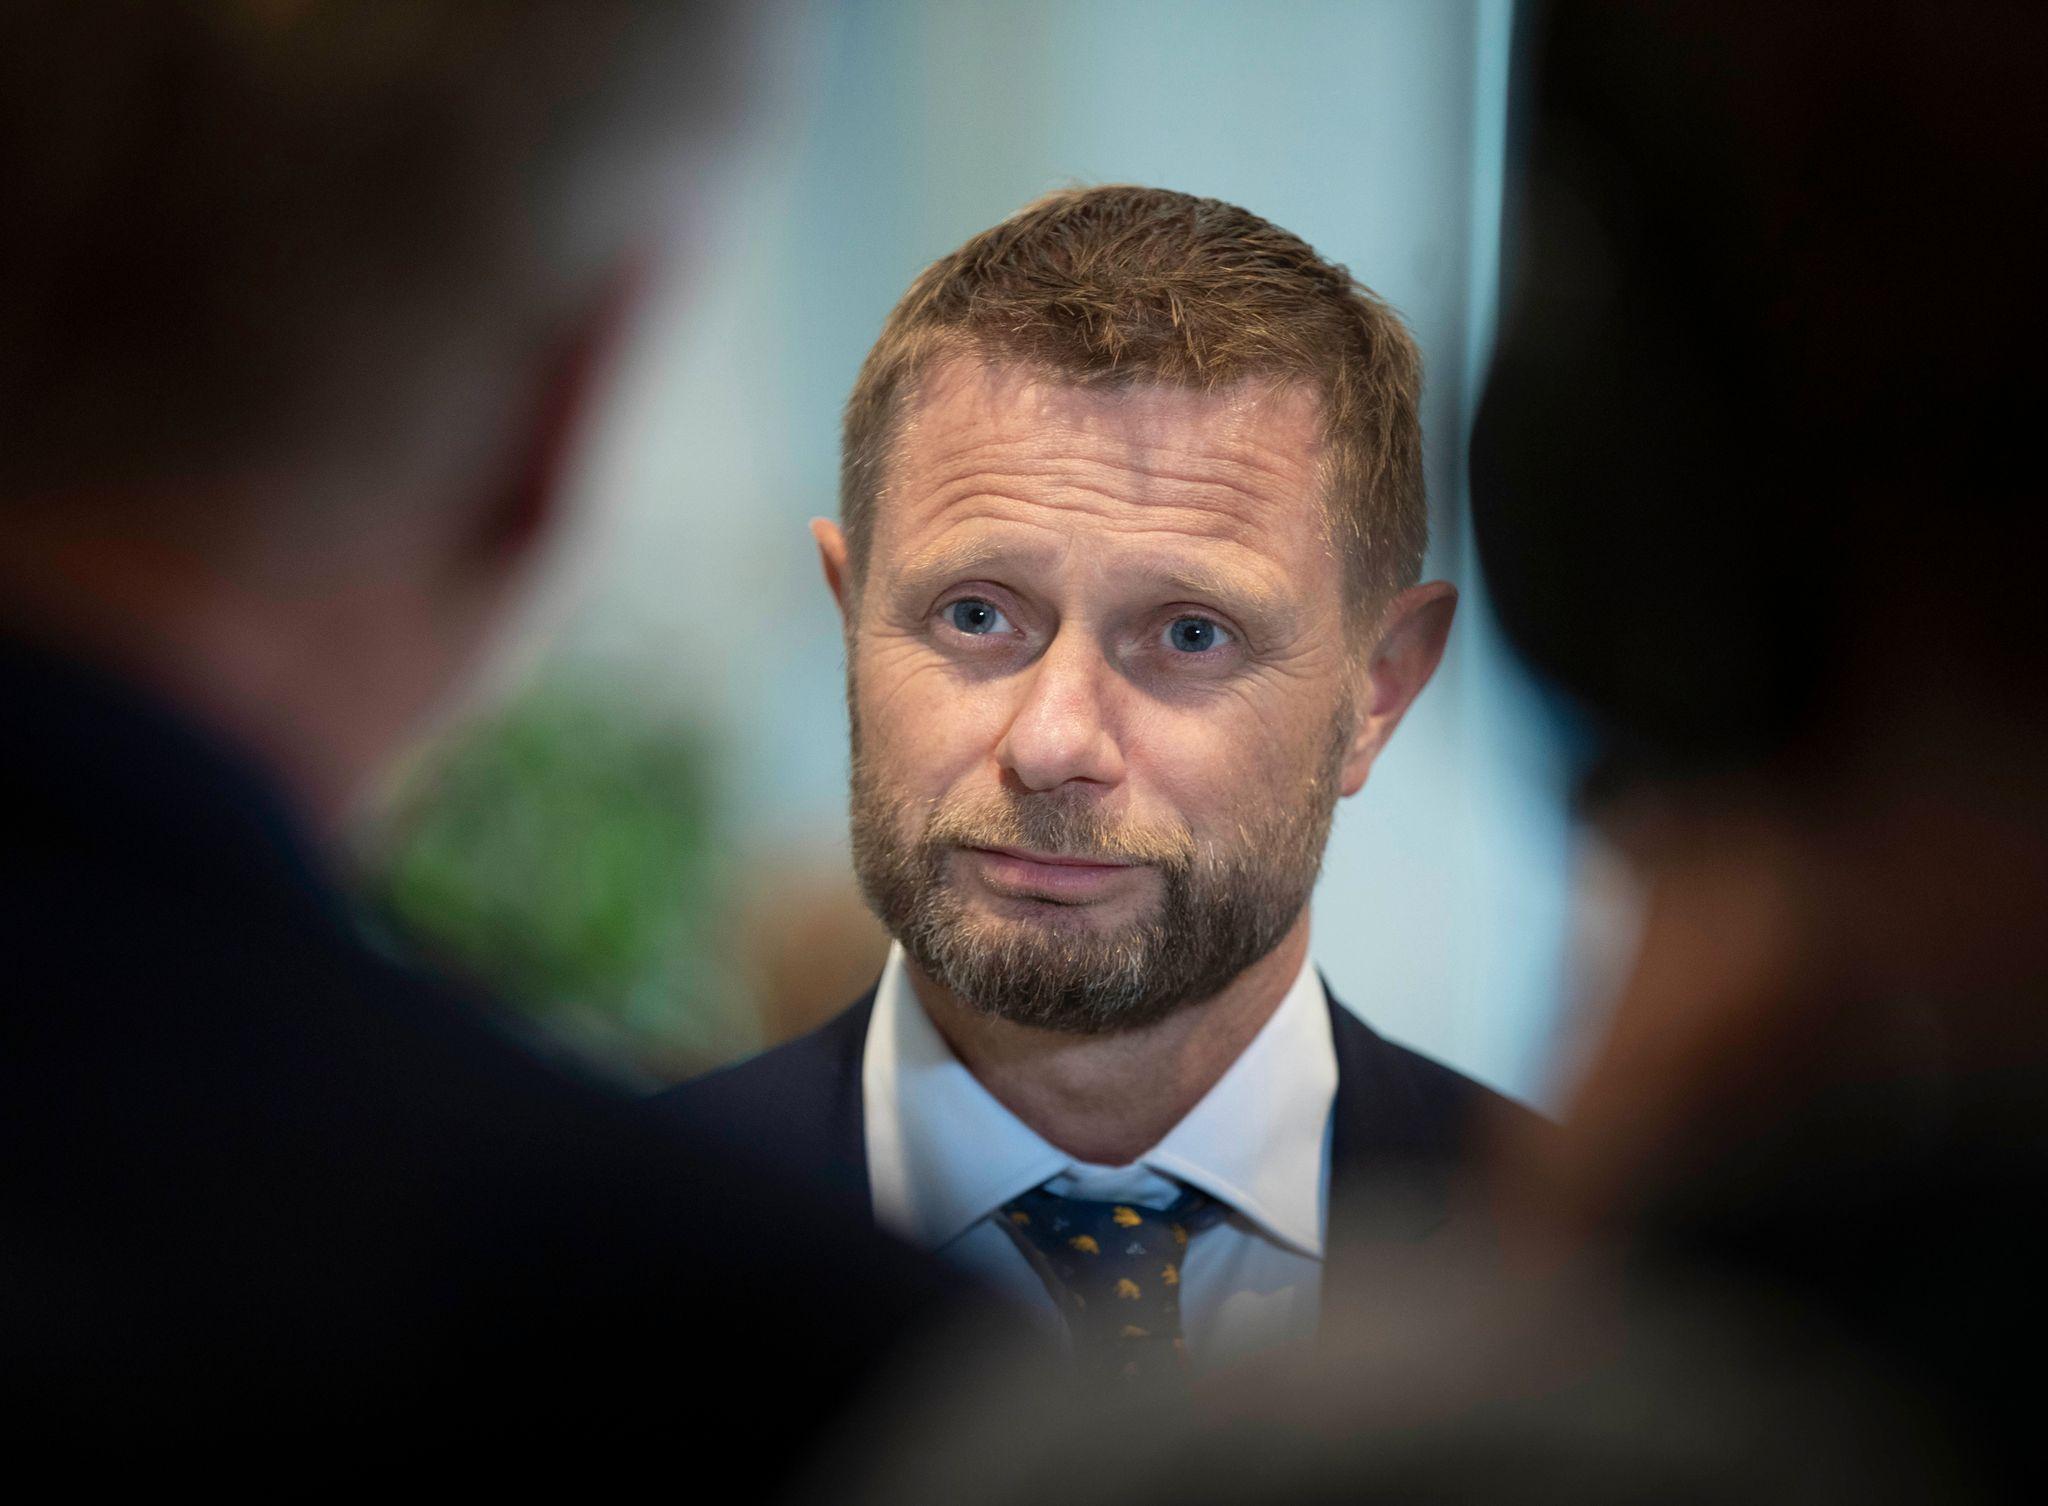 Bent Hoie Med Klar Oppfordring Om Store Hjemmefester Jeg Haper Folk Lar Vaere